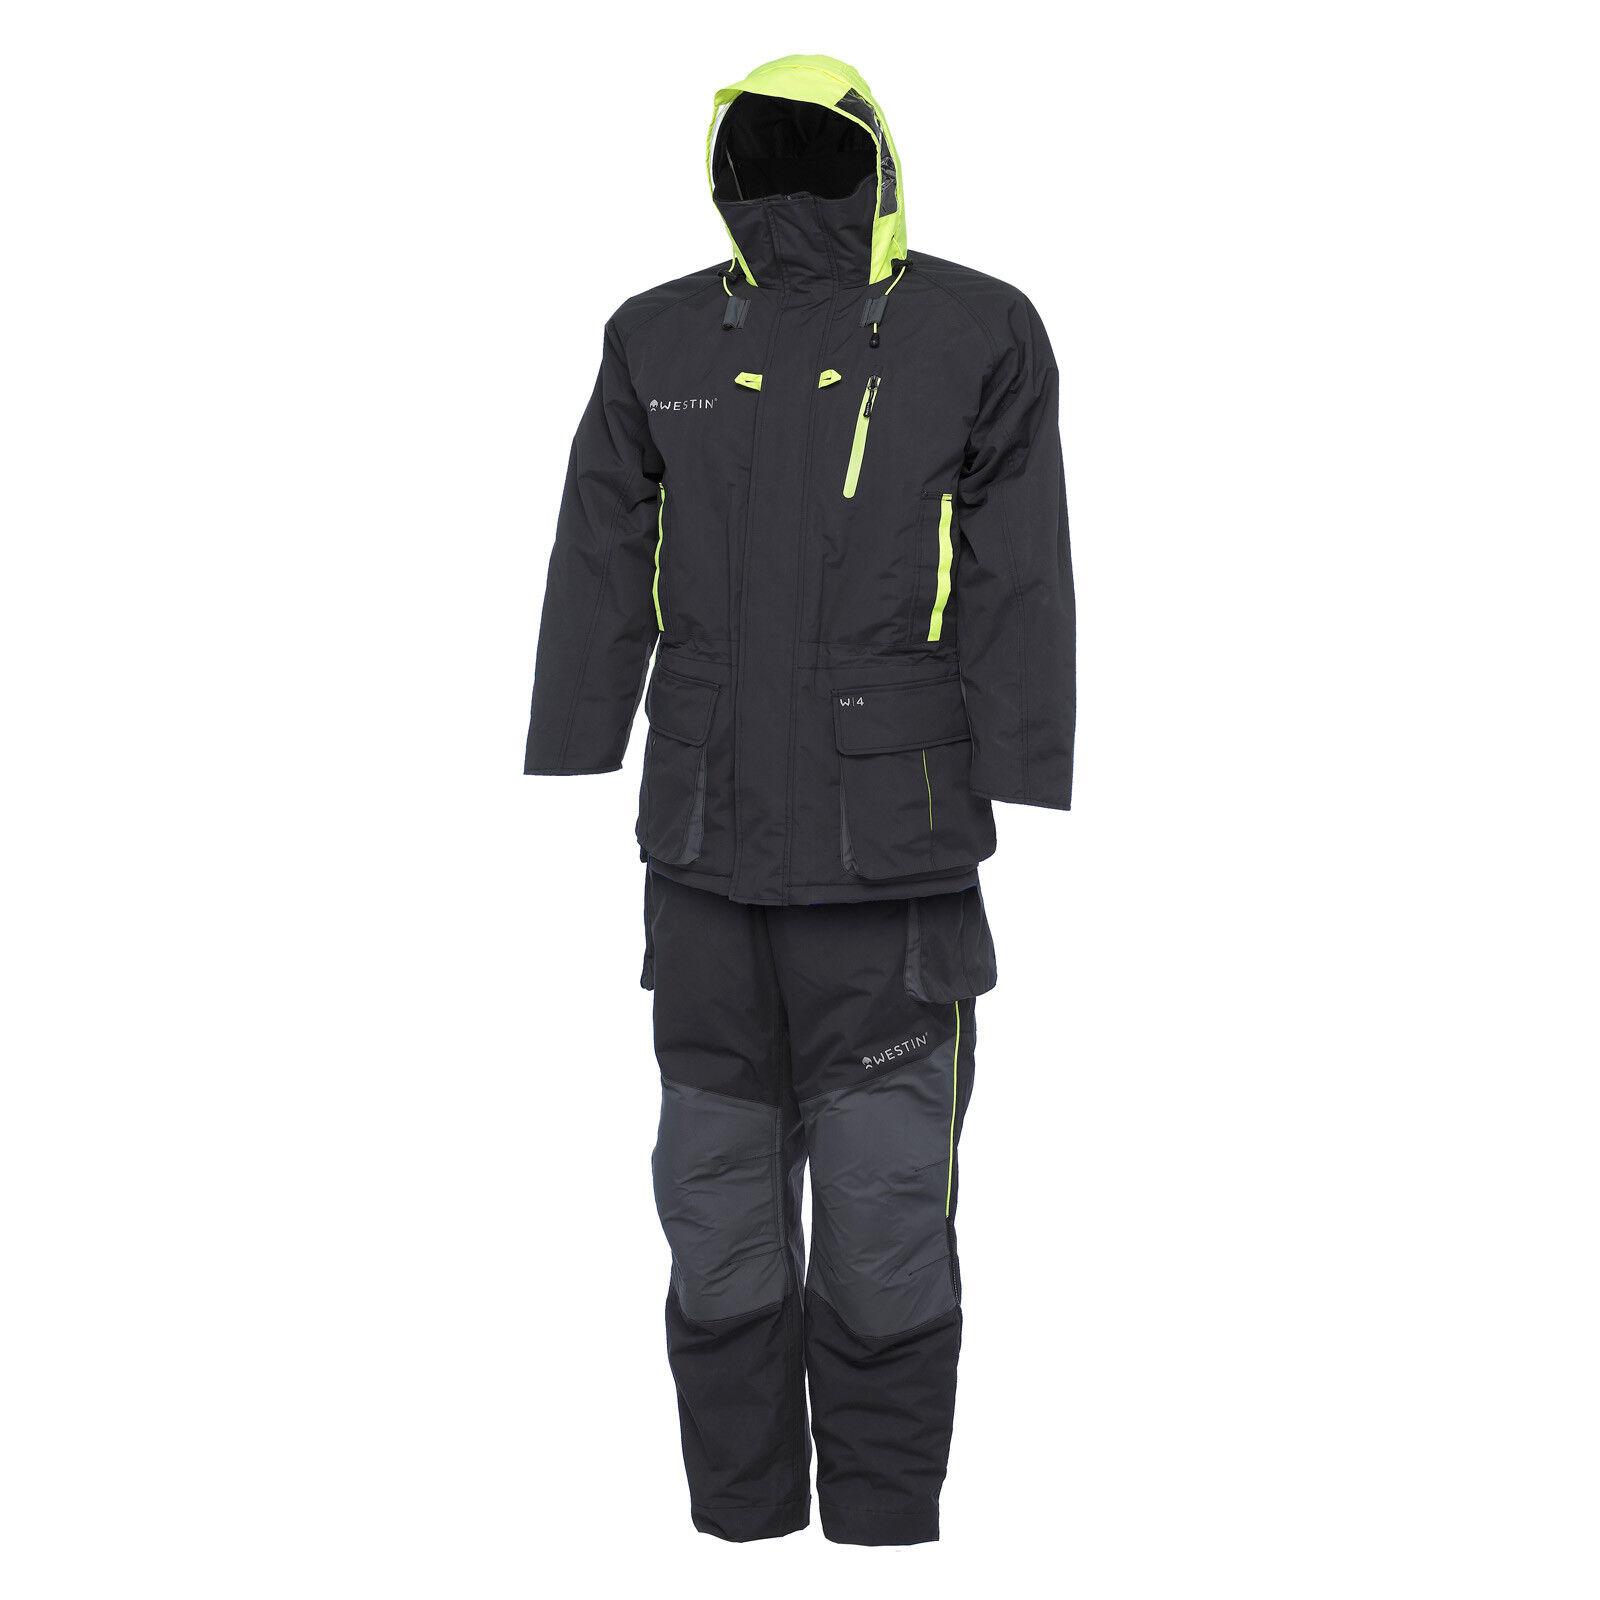 Westin SUIT thermoanzug tuta invernale abbigliamento Angel-Inverno SUIT Westin TAGLIA M 320f5a